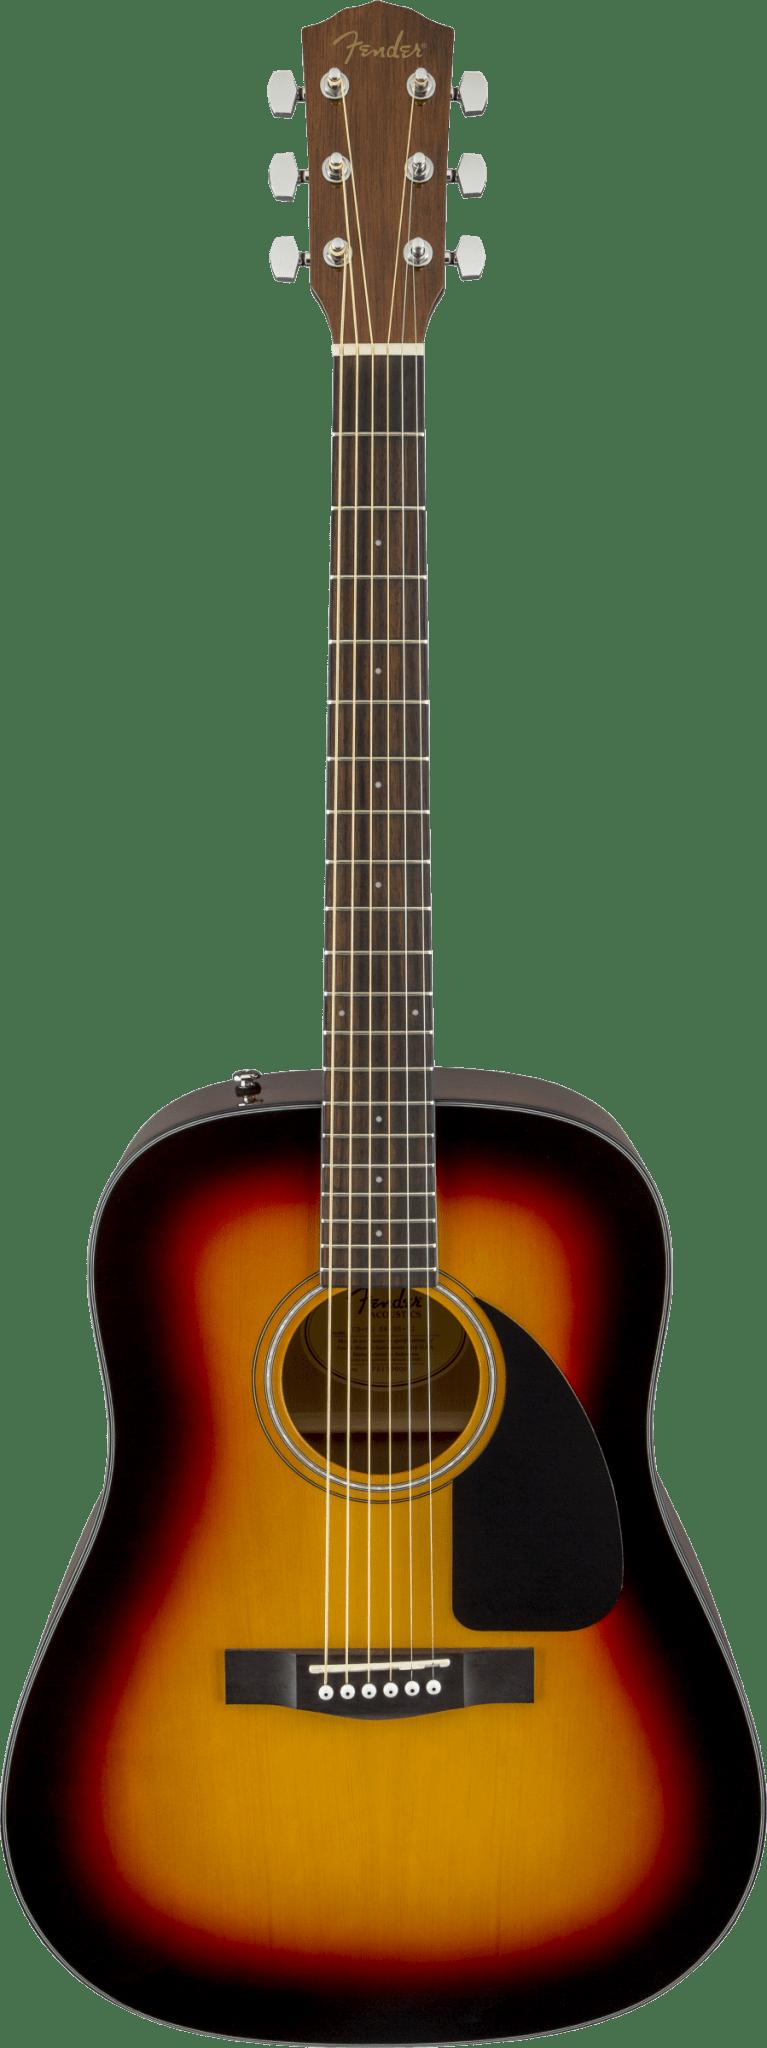 Fender CD-60 0970110232 Sunburst